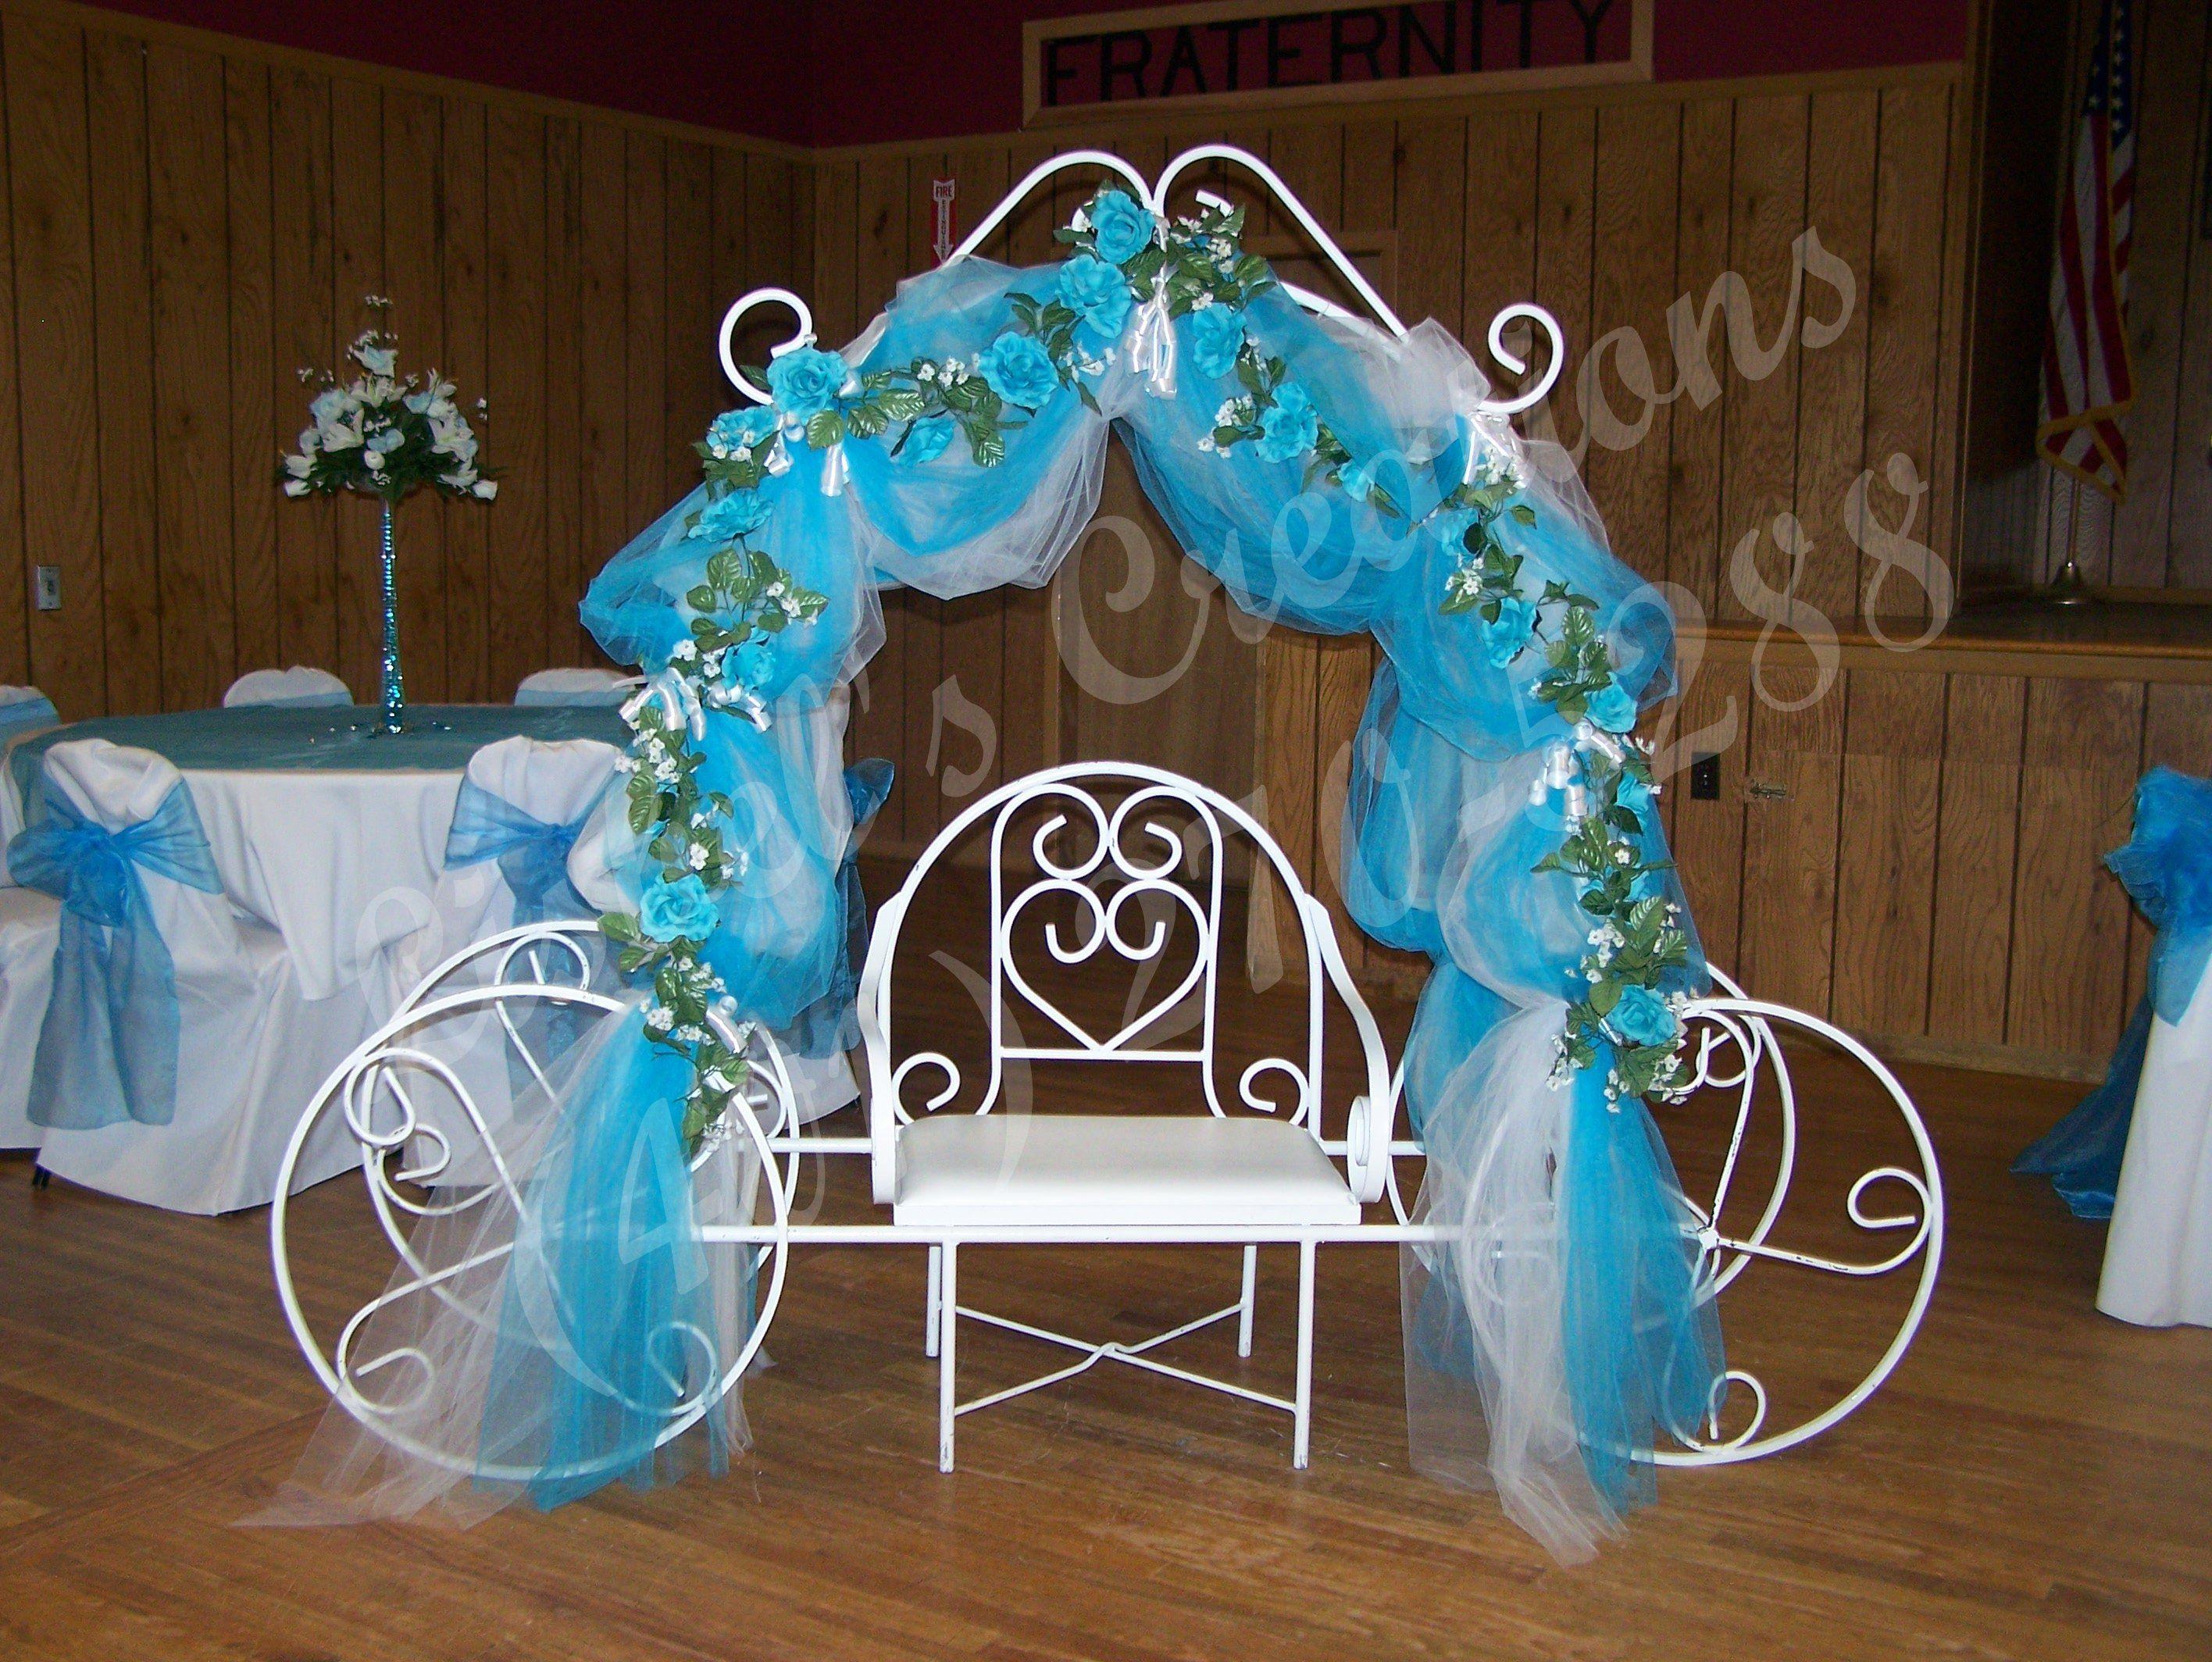 Mis quince salon decorations decoracion de quinceanera for Decoracion de salon para 15